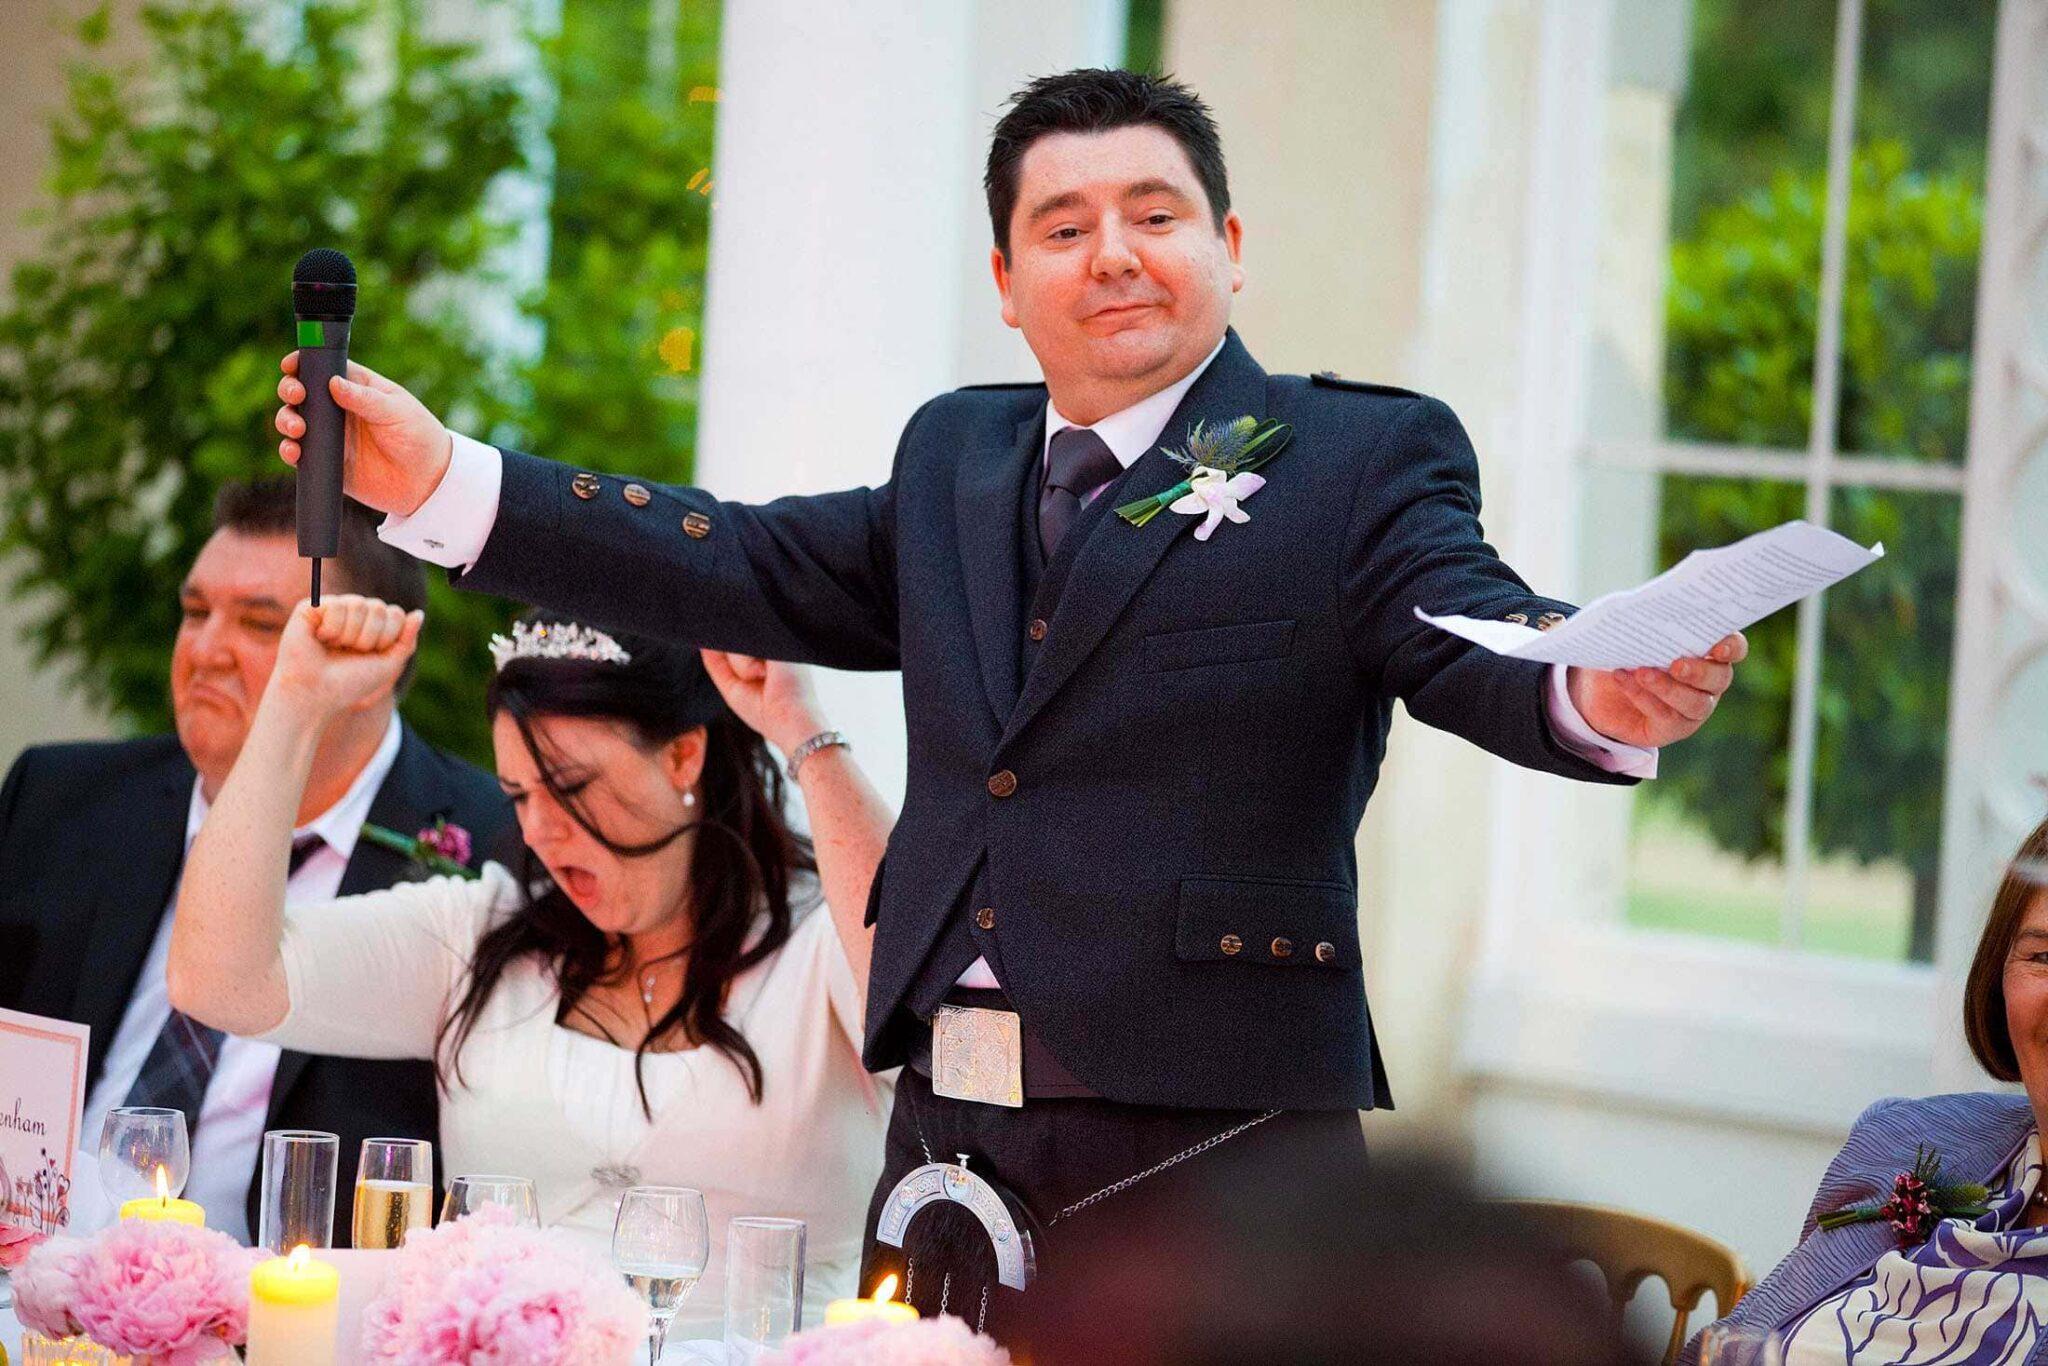 Syon Park wedding speeches